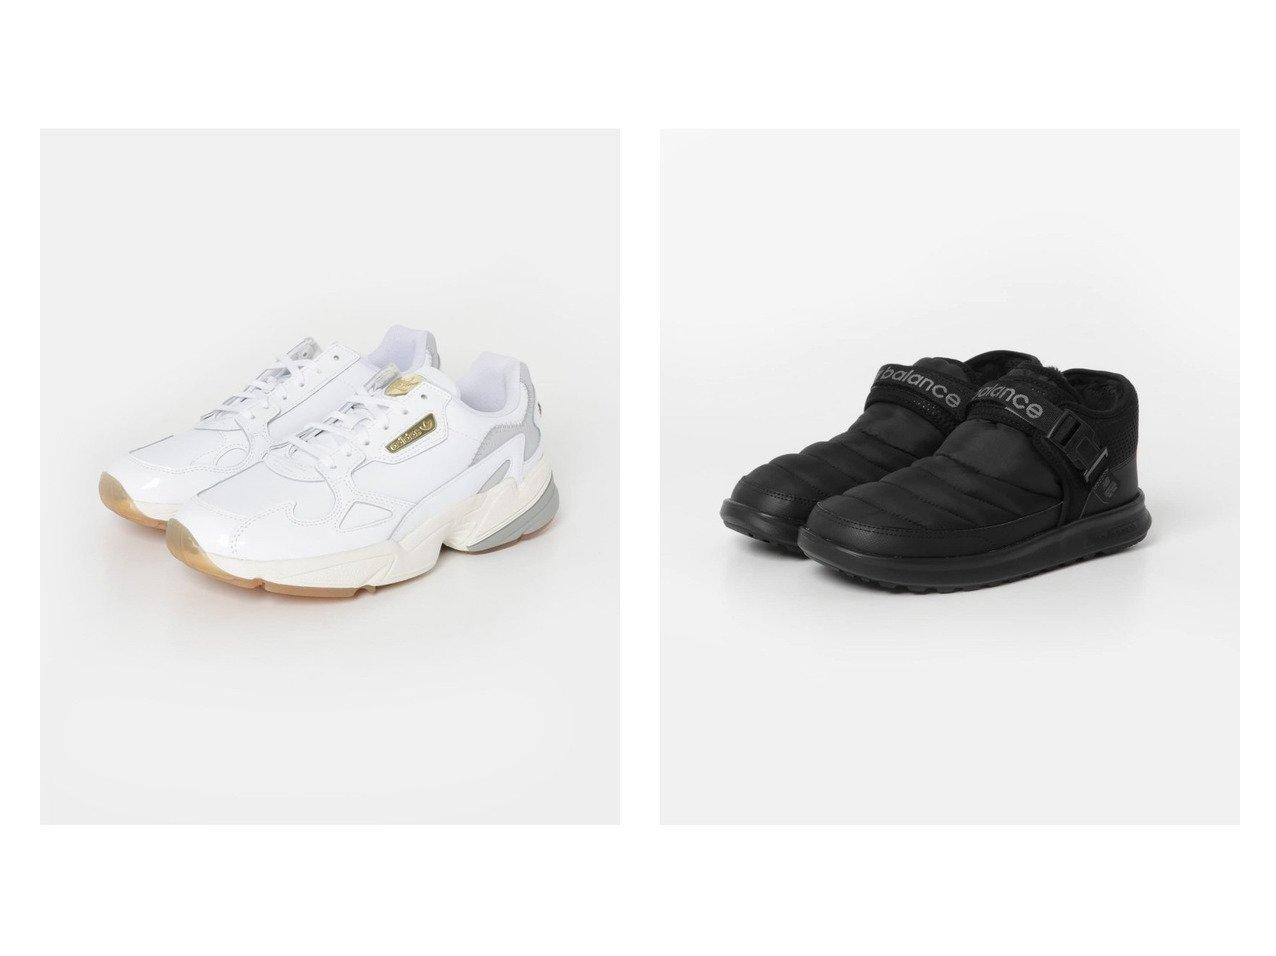 【URBAN RESEARCH/アーバンリサーチ】のadidas FALCON W&【URBAN RESEARCH DOORS/アーバンリサーチ ドアーズ】のNEW BALANCE MOC MID シューズ・靴のおすすめ!人気、トレンド・レディースファッションの通販 おすすめで人気の流行・トレンド、ファッションの通販商品 メンズファッション・キッズファッション・インテリア・家具・レディースファッション・服の通販 founy(ファニー) https://founy.com/ ファッション Fashion レディースファッション WOMEN シューズ スニーカー スポーツ スリッポン 人気 インソール バランス ベーシック ボストン |ID:crp329100000009800